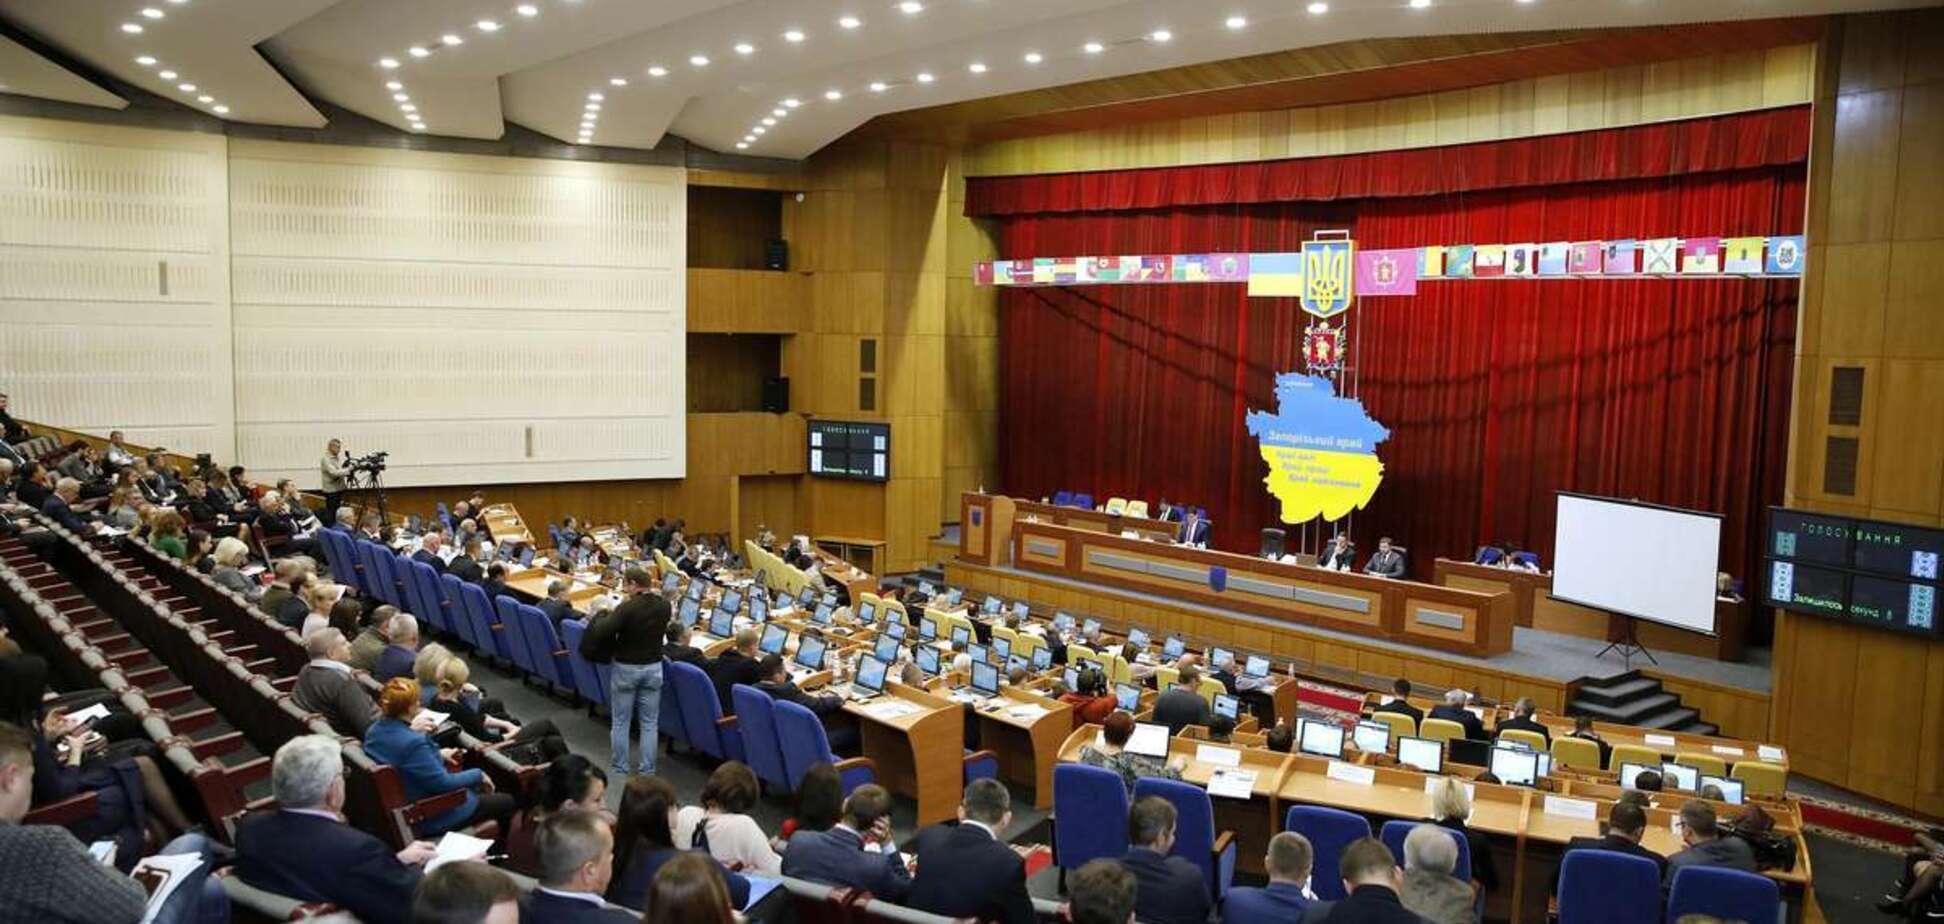 В Запорожье сообщили о незаконном избрании председателя облсовета